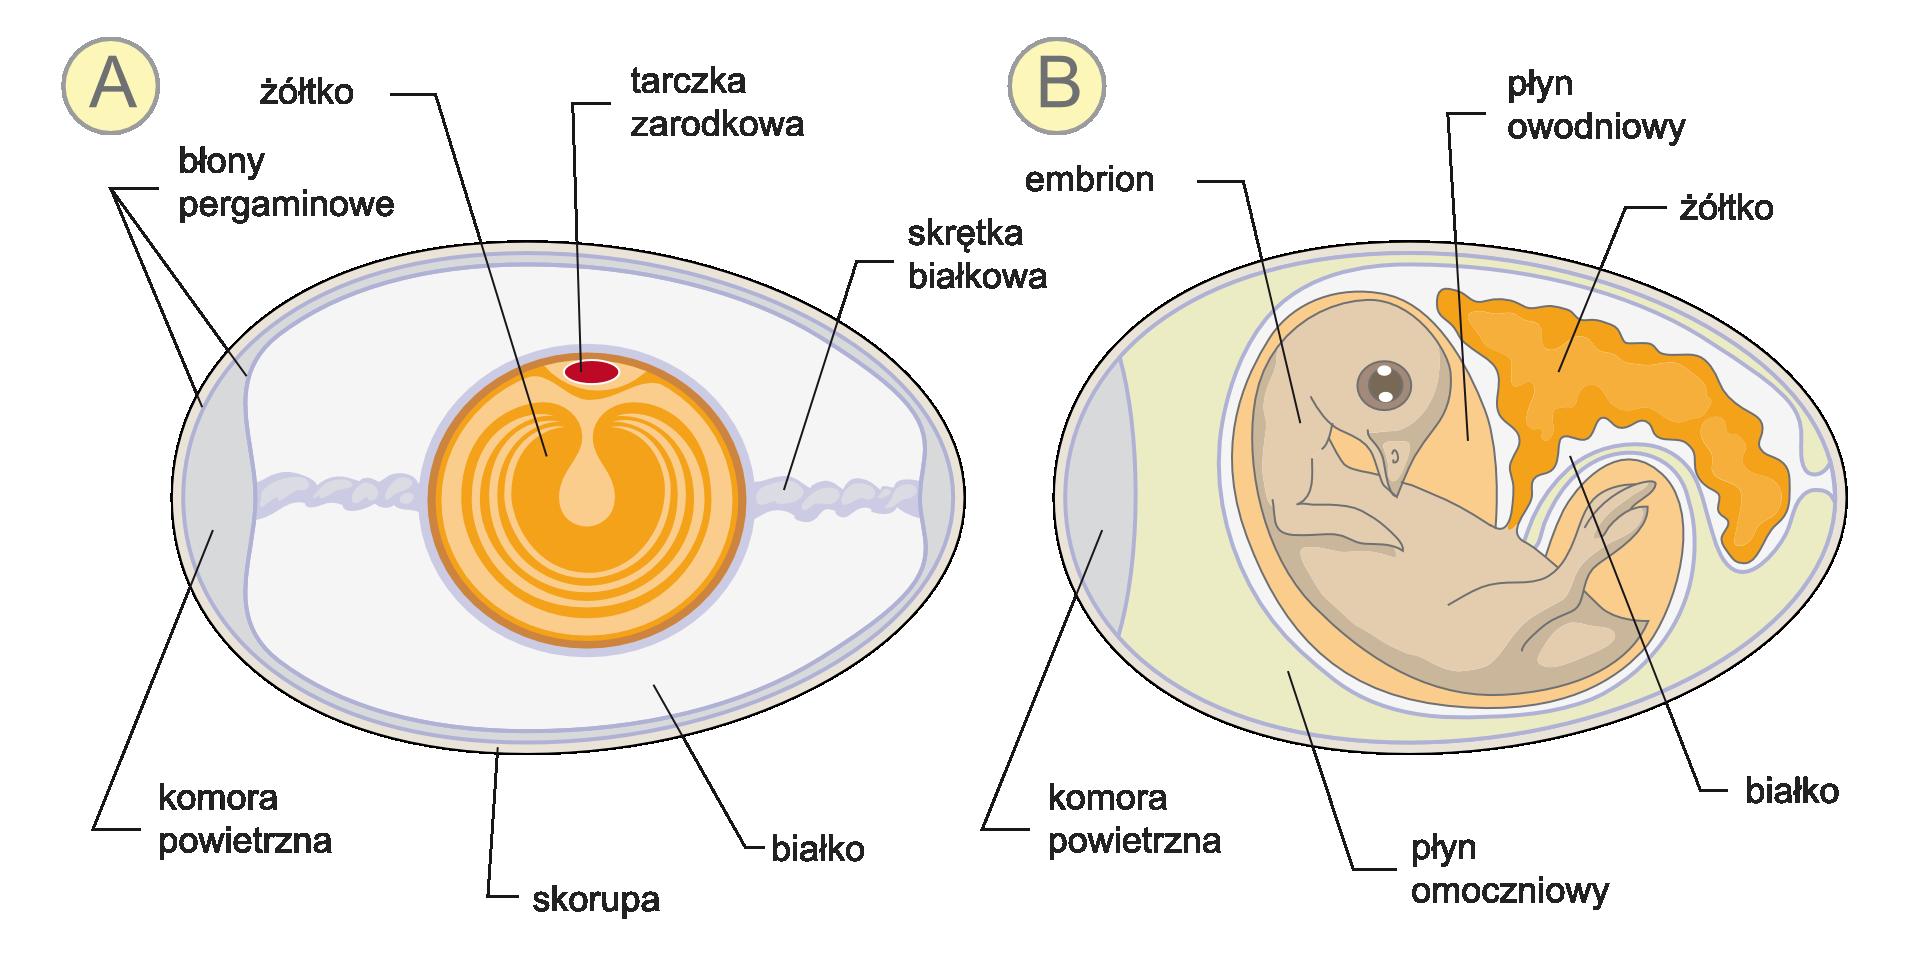 Galeria zawiera ilustracje, przedstawiające budowę kurzego jaja przed ipo zapłodnieniu.Dwa rysunki obok siebie ukazują części jaja niezapłodnionego izawierającego embrion. Te same części mają tę samą barwę. Wjaju zlewej na szaro zaznaczono białko. Wpoziomie ciemniejszym kolorem oznaczono skrętki białkowe, apo lewej komorę powietrzną. Podpisano niebieskie błony pergaminowe ibiałą skorupę. Wcentrum znajduje się kula żółtka zjaśniejszymi kręgami. Na niej czerwona tarczka zarodkowa. Wjaju po prawej zmniejszyła się ilość białka ażółtko jest przesunięte wbok ima nieregularny kształt. Wcentrum znajduje się zwinięty beżowy zarodek zgłową ugóry, zdużymi, ciemnymi oczyma. Wokół zarodka pomarańczowy płyn owodniowy iszary płyn omoczniowy.